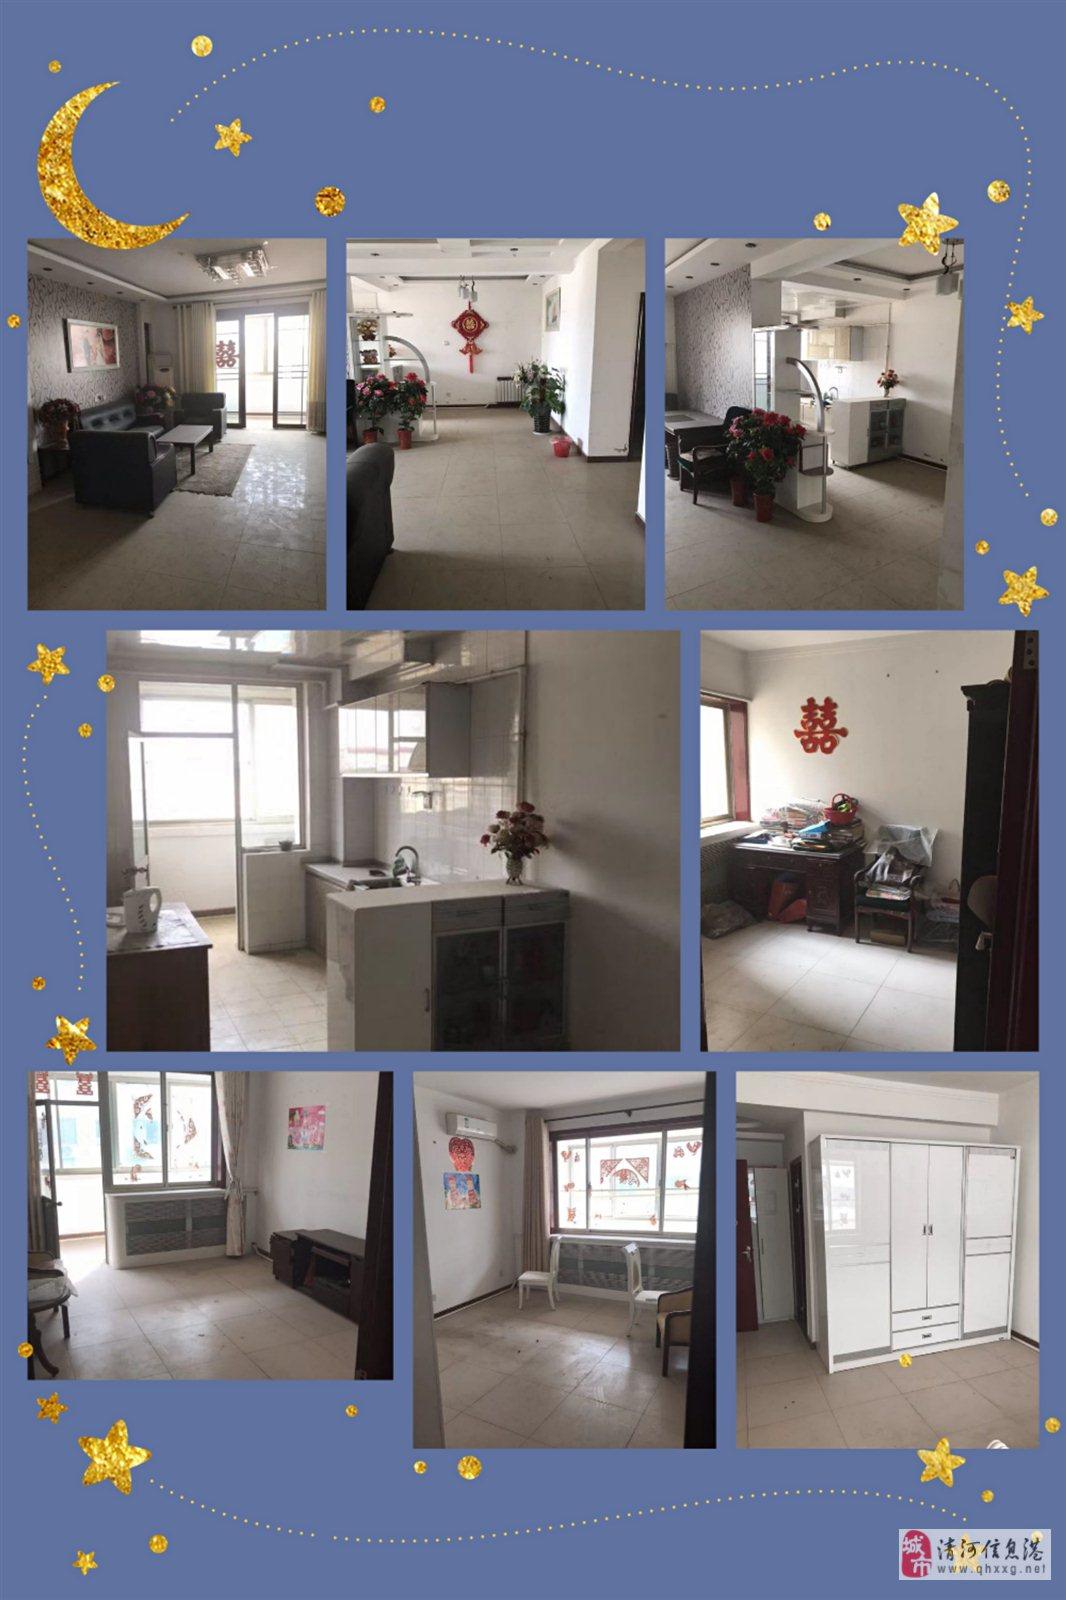 宝隆公寓3室 2厅 2卫64万元